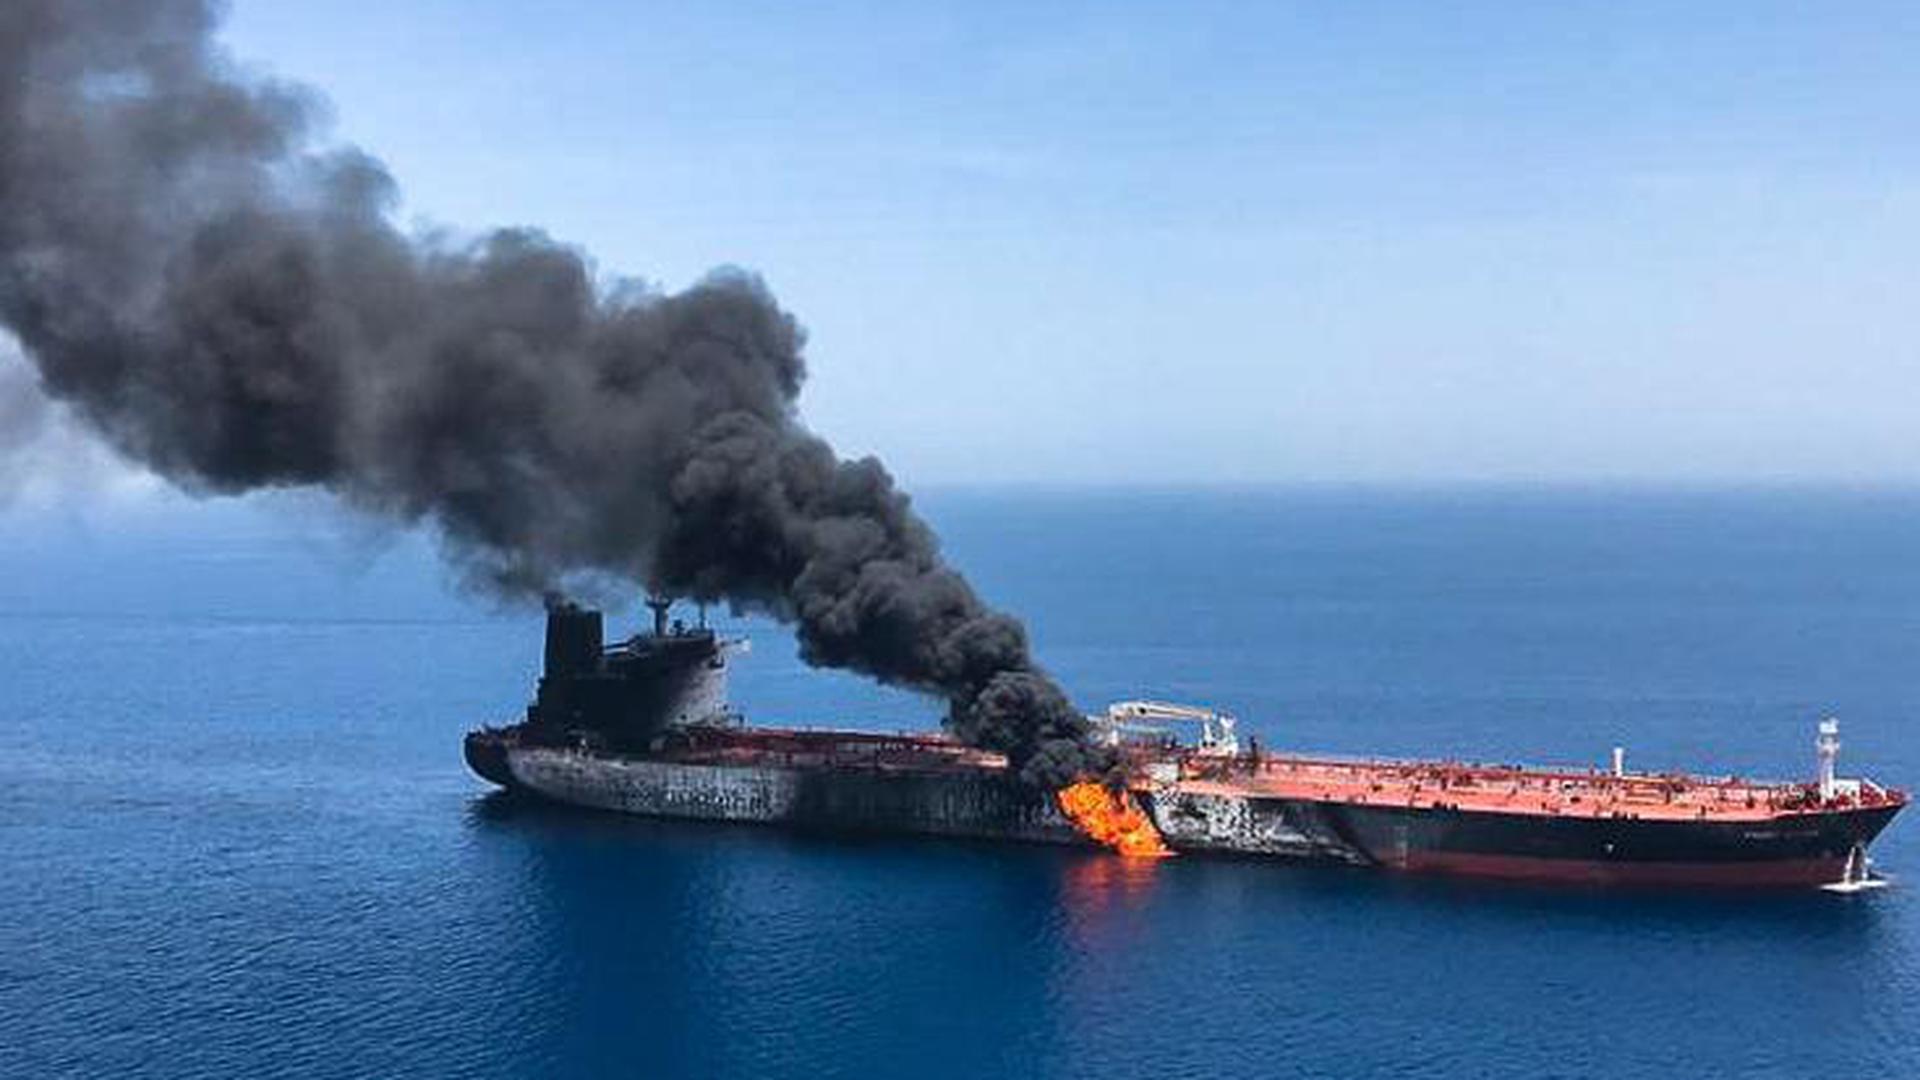 ราคาน้ำมันโลกพุ่งเกือบ 4% หลังเรือบรรทุกน้ำมัน 2 ลำ ถูกโจมตีในอ่าวโอมาน